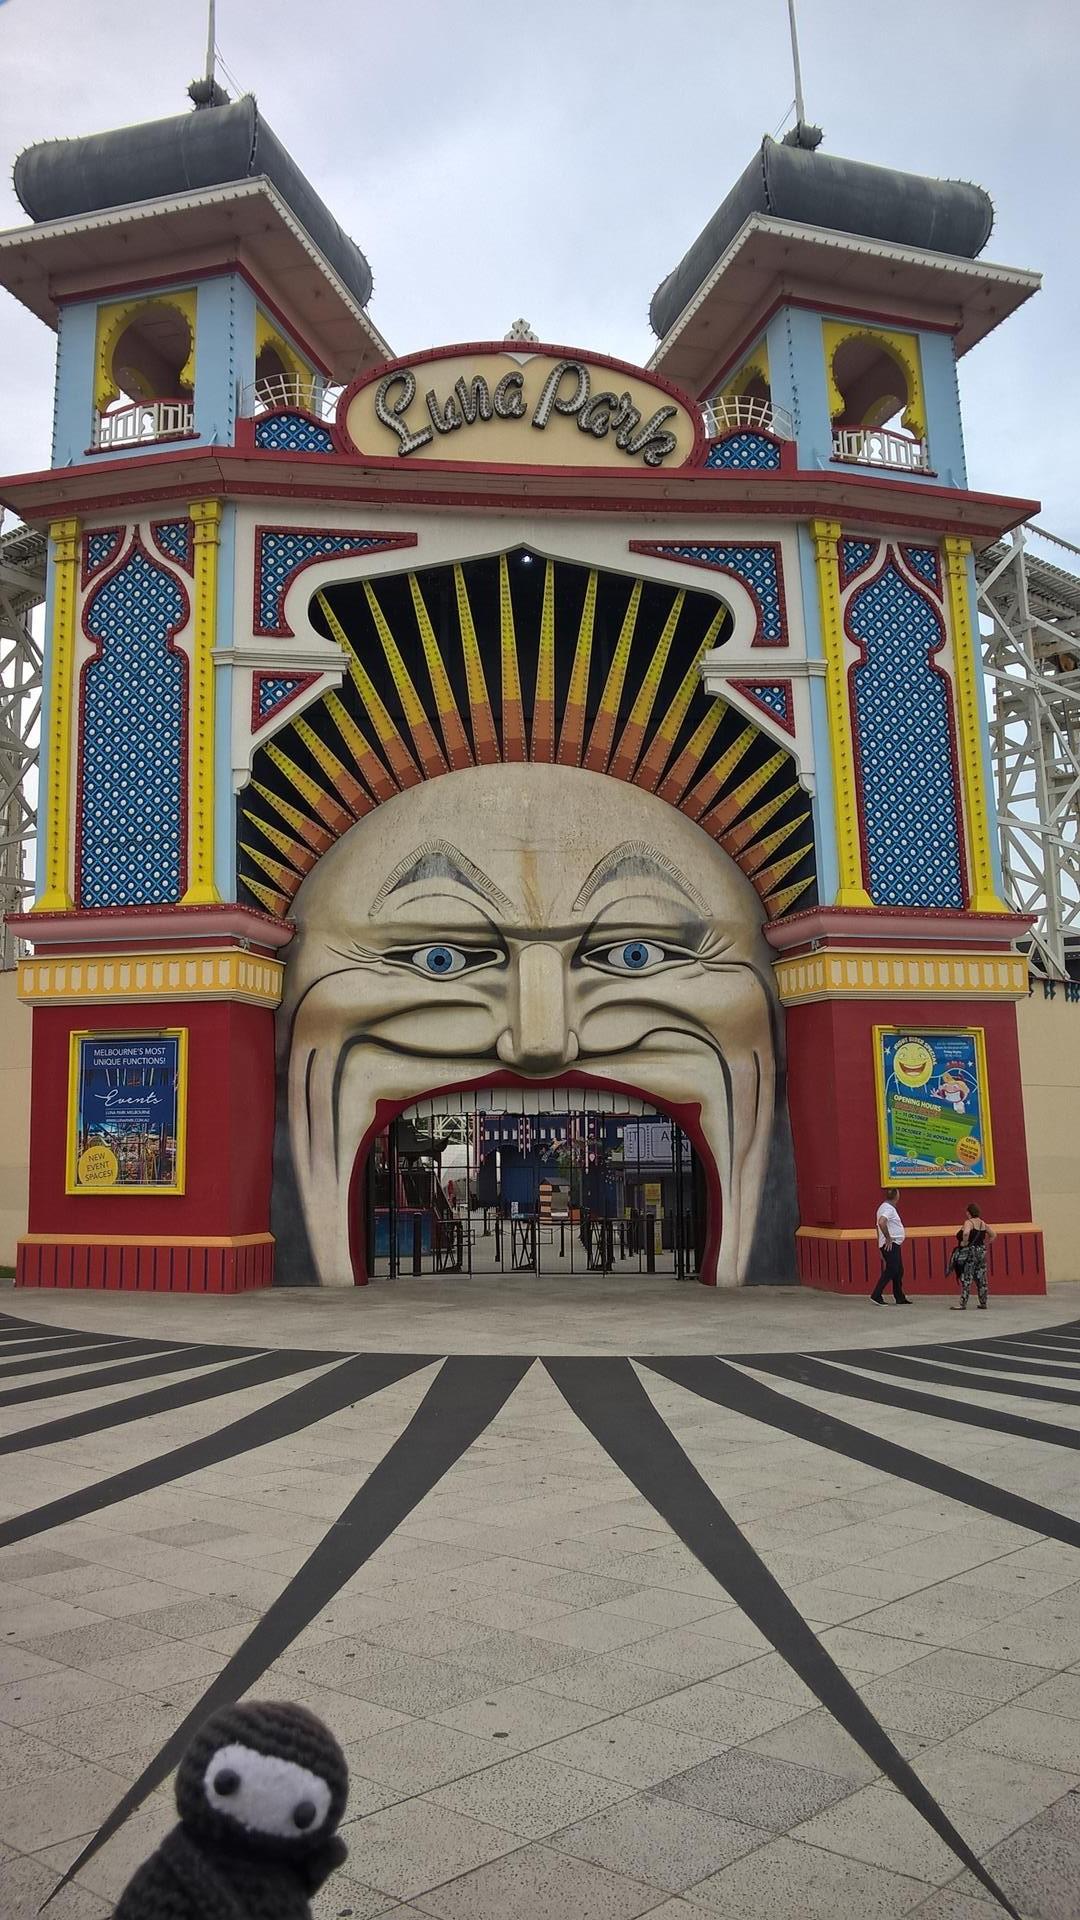 Luna Park in St. Kilda